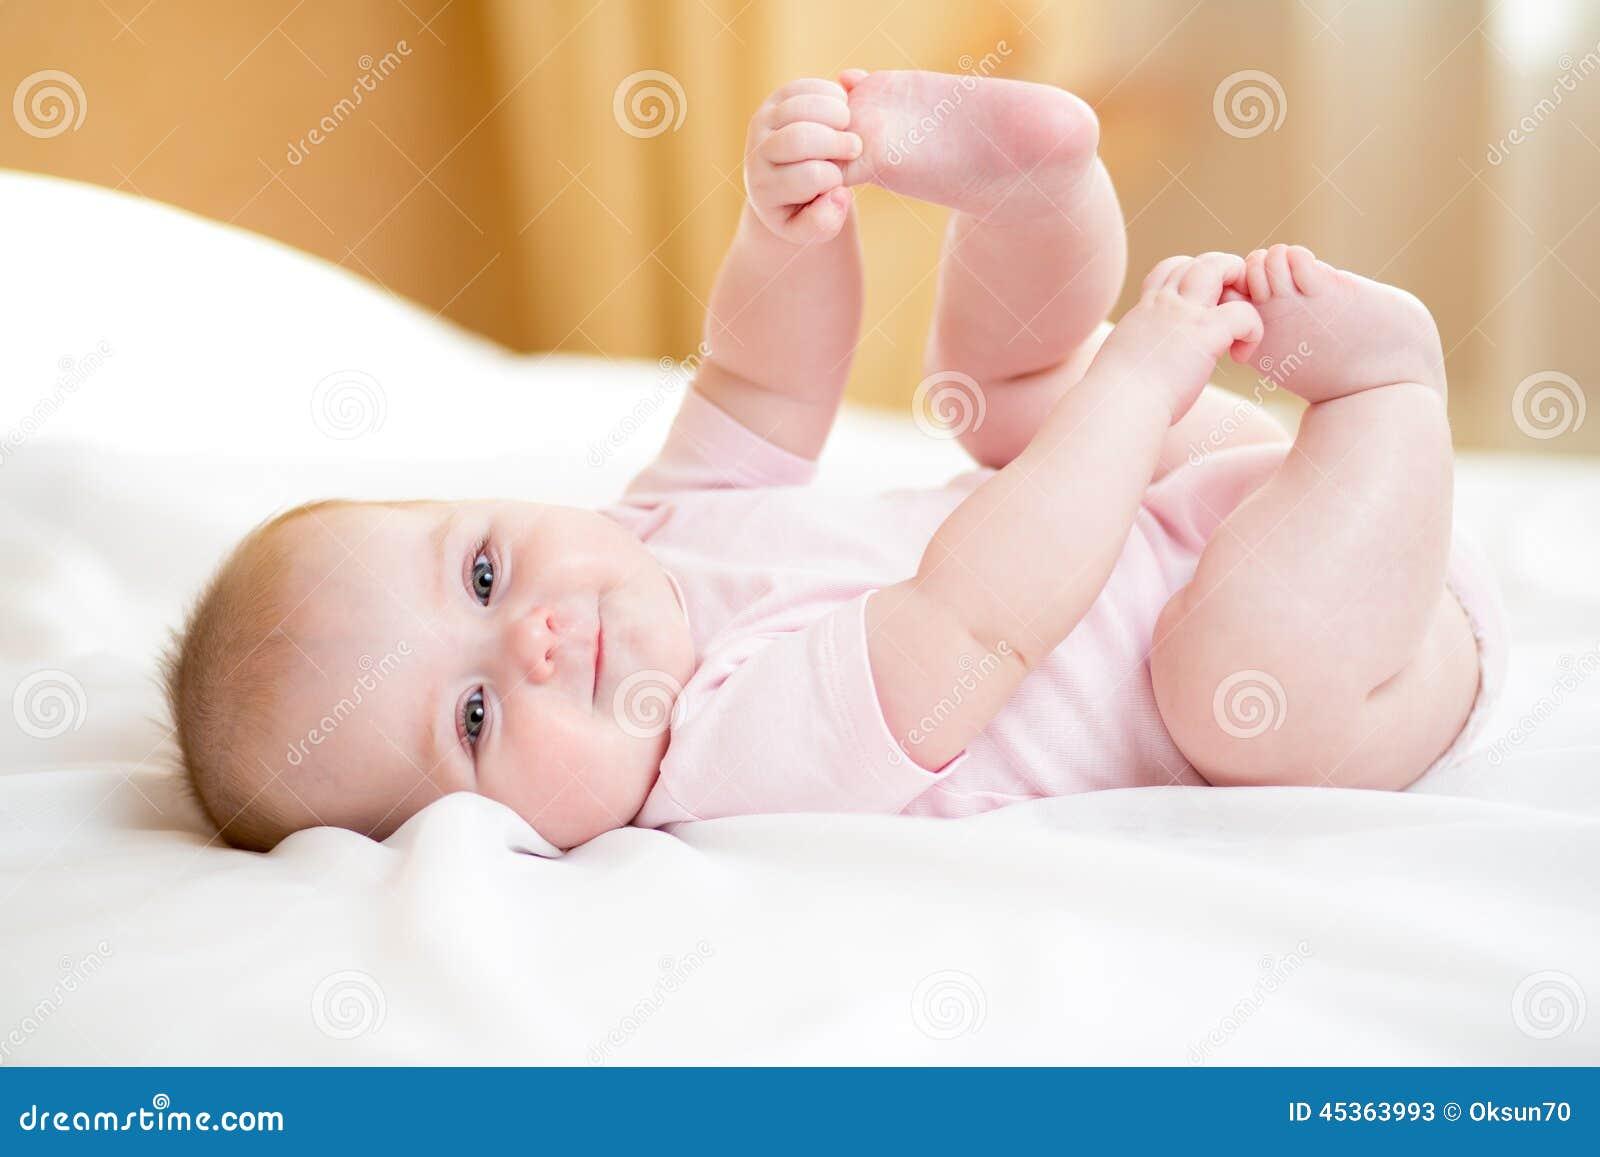 Bébé se trouvant sur la feuille blanche et tenant des jambes